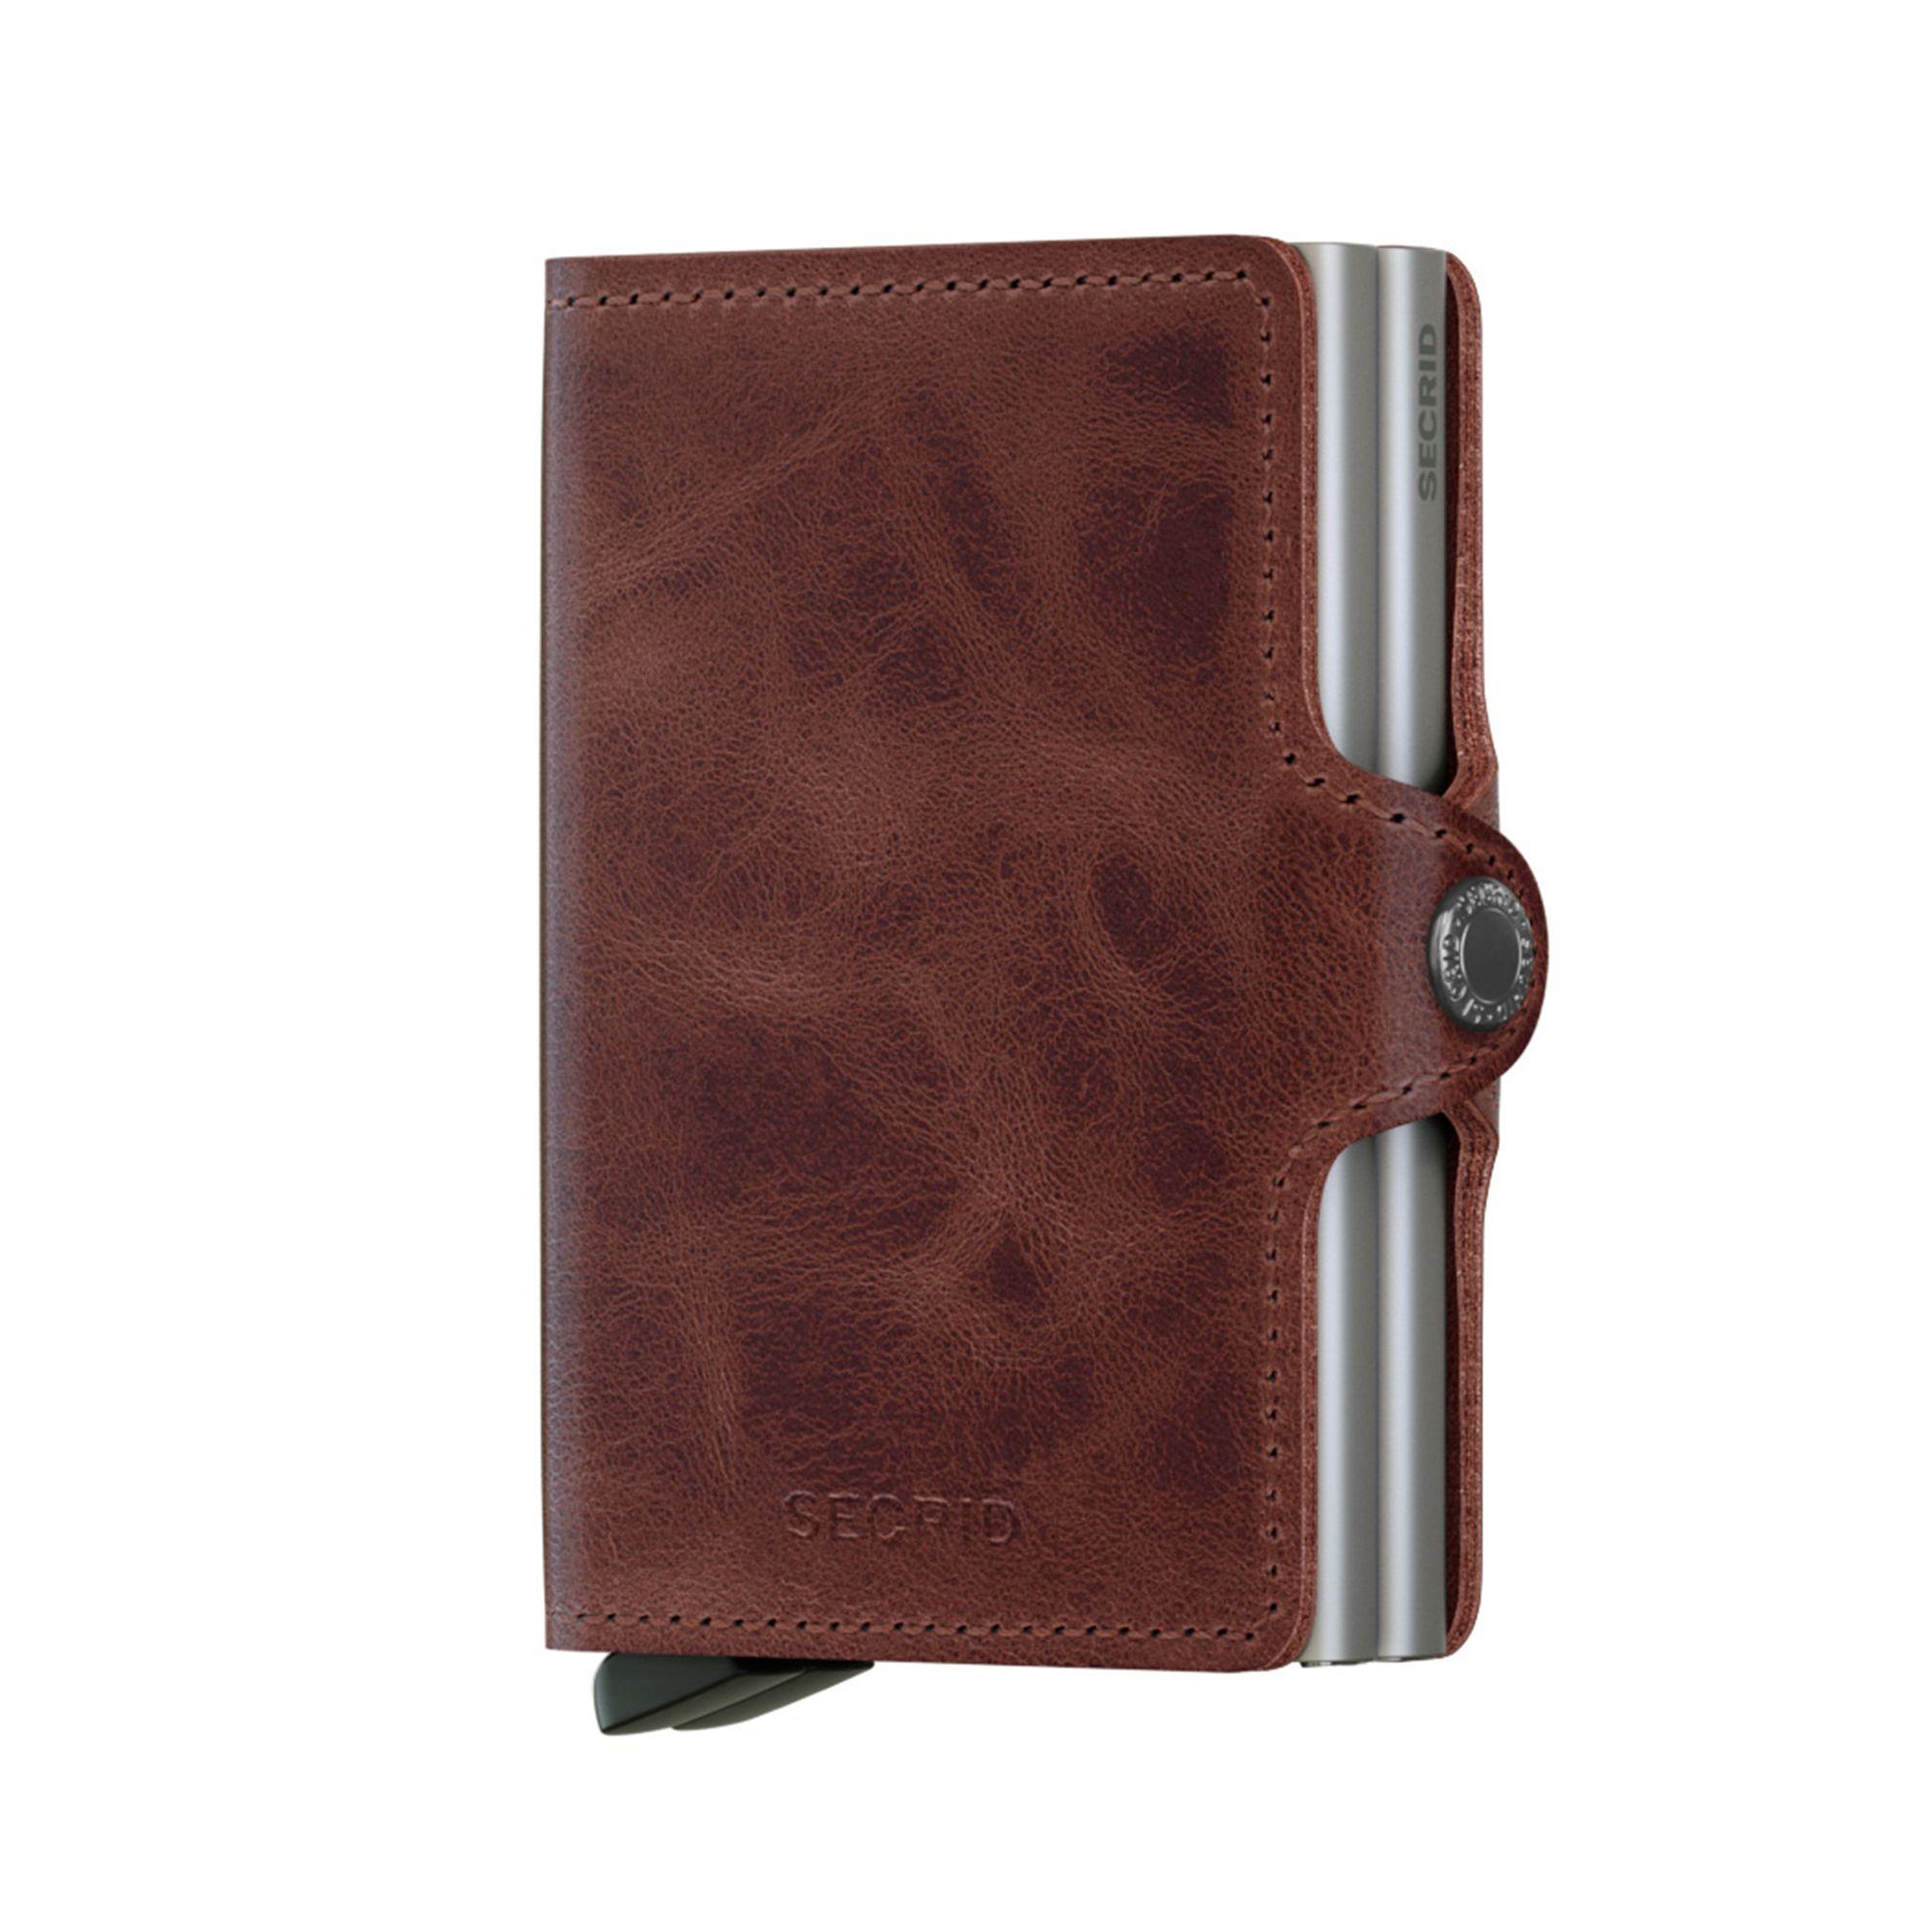 Secrid Twinwallet Vintage plånbok i skinn och metall , Brun